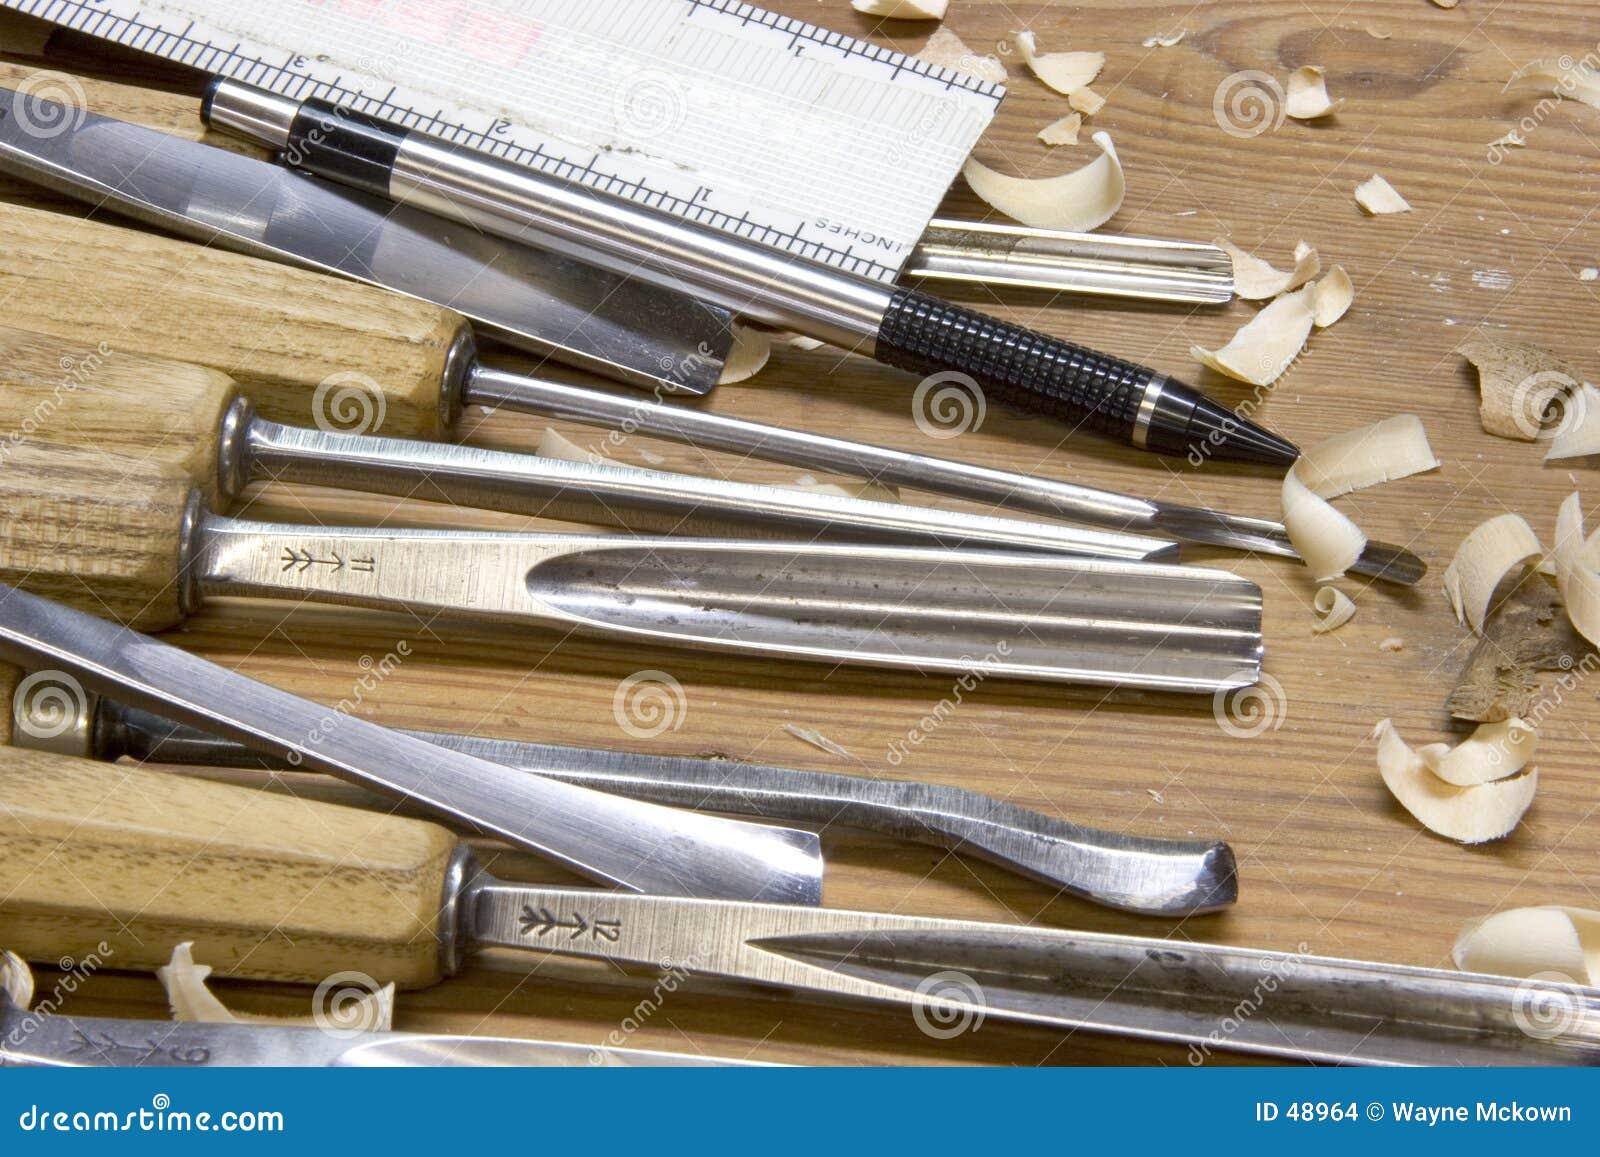 Cinzelando ferramentas